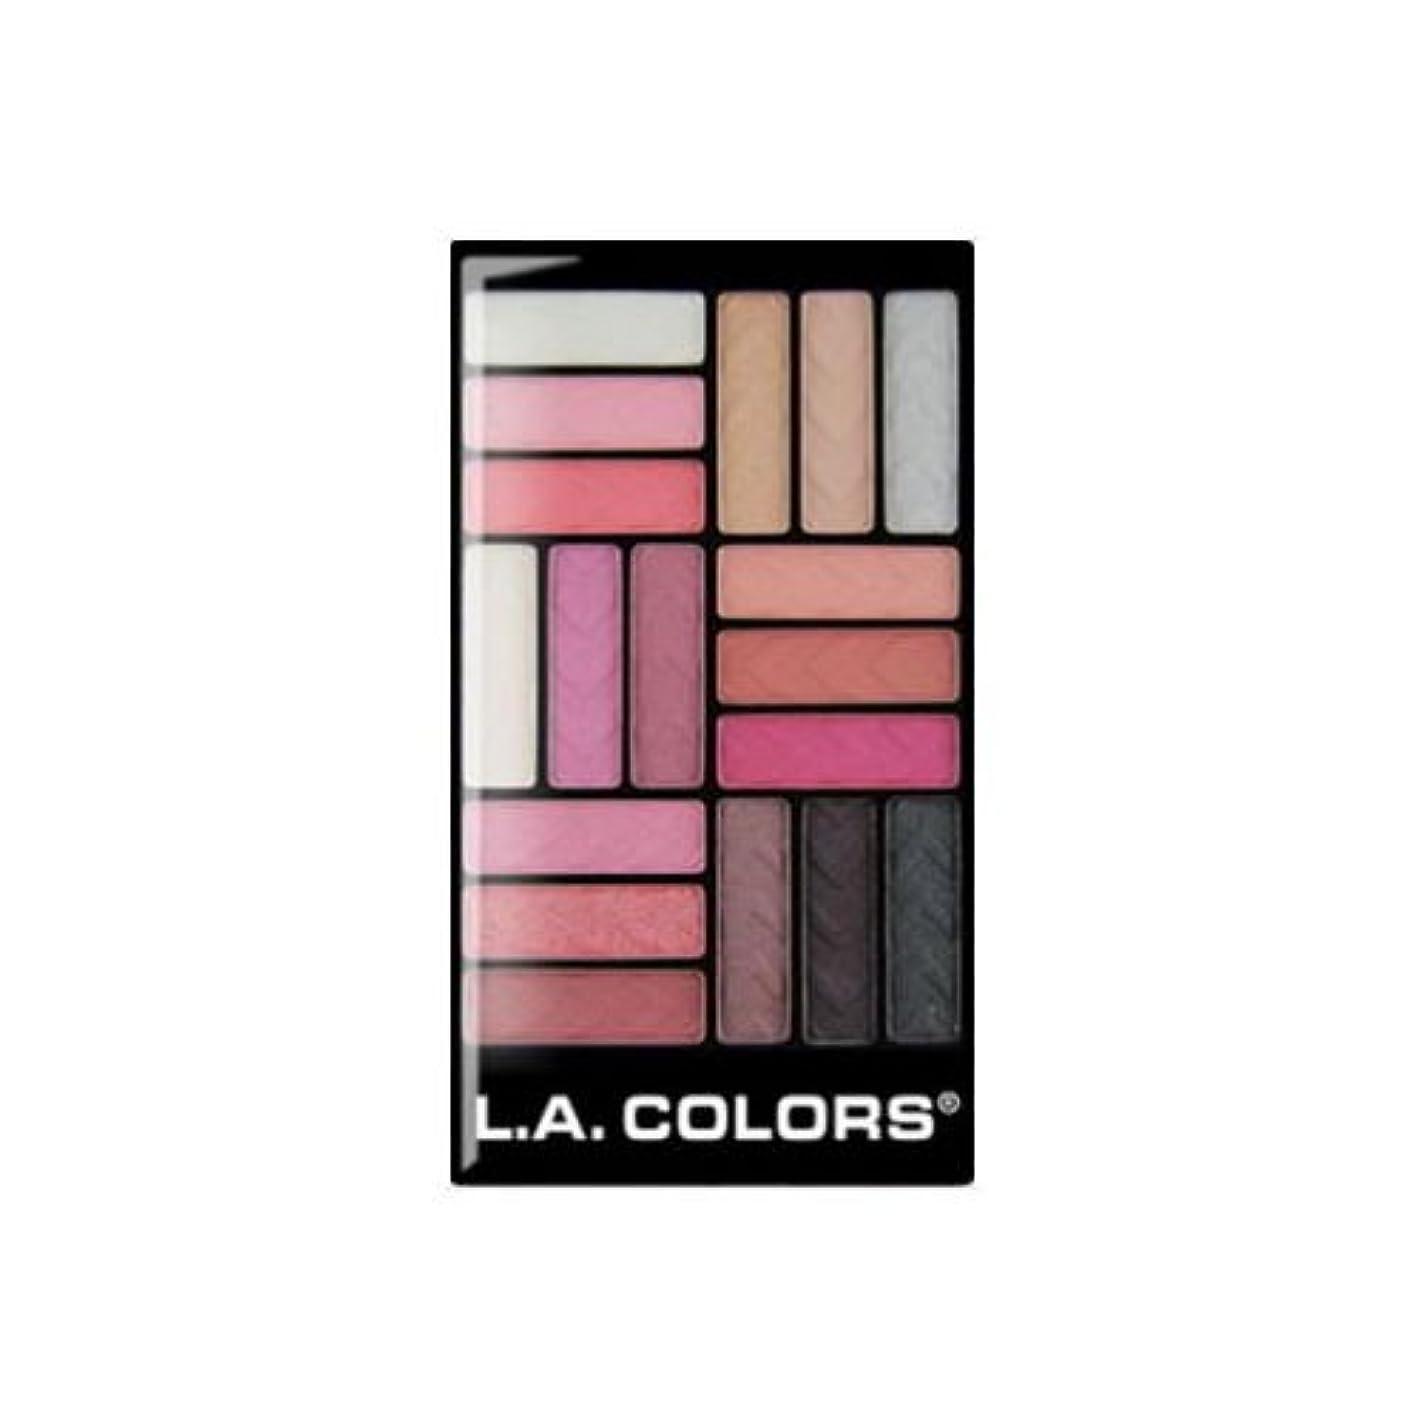 促進するジョージスティーブンソン良さ(6 Pack) L.A. COLORS 18 Color Eyeshadow - Diva Glam (並行輸入品)